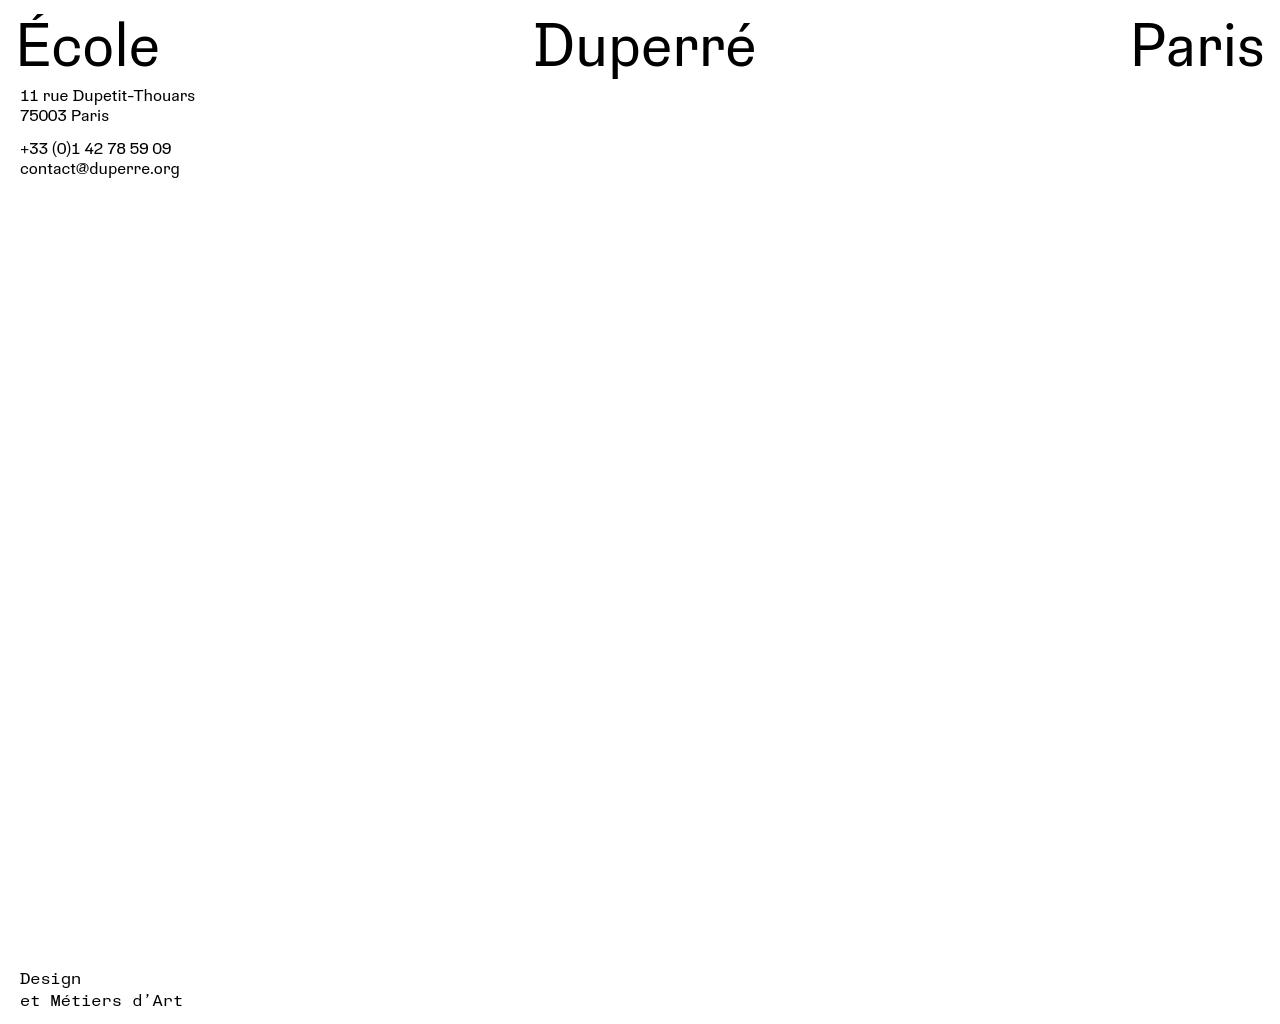 duperre.org